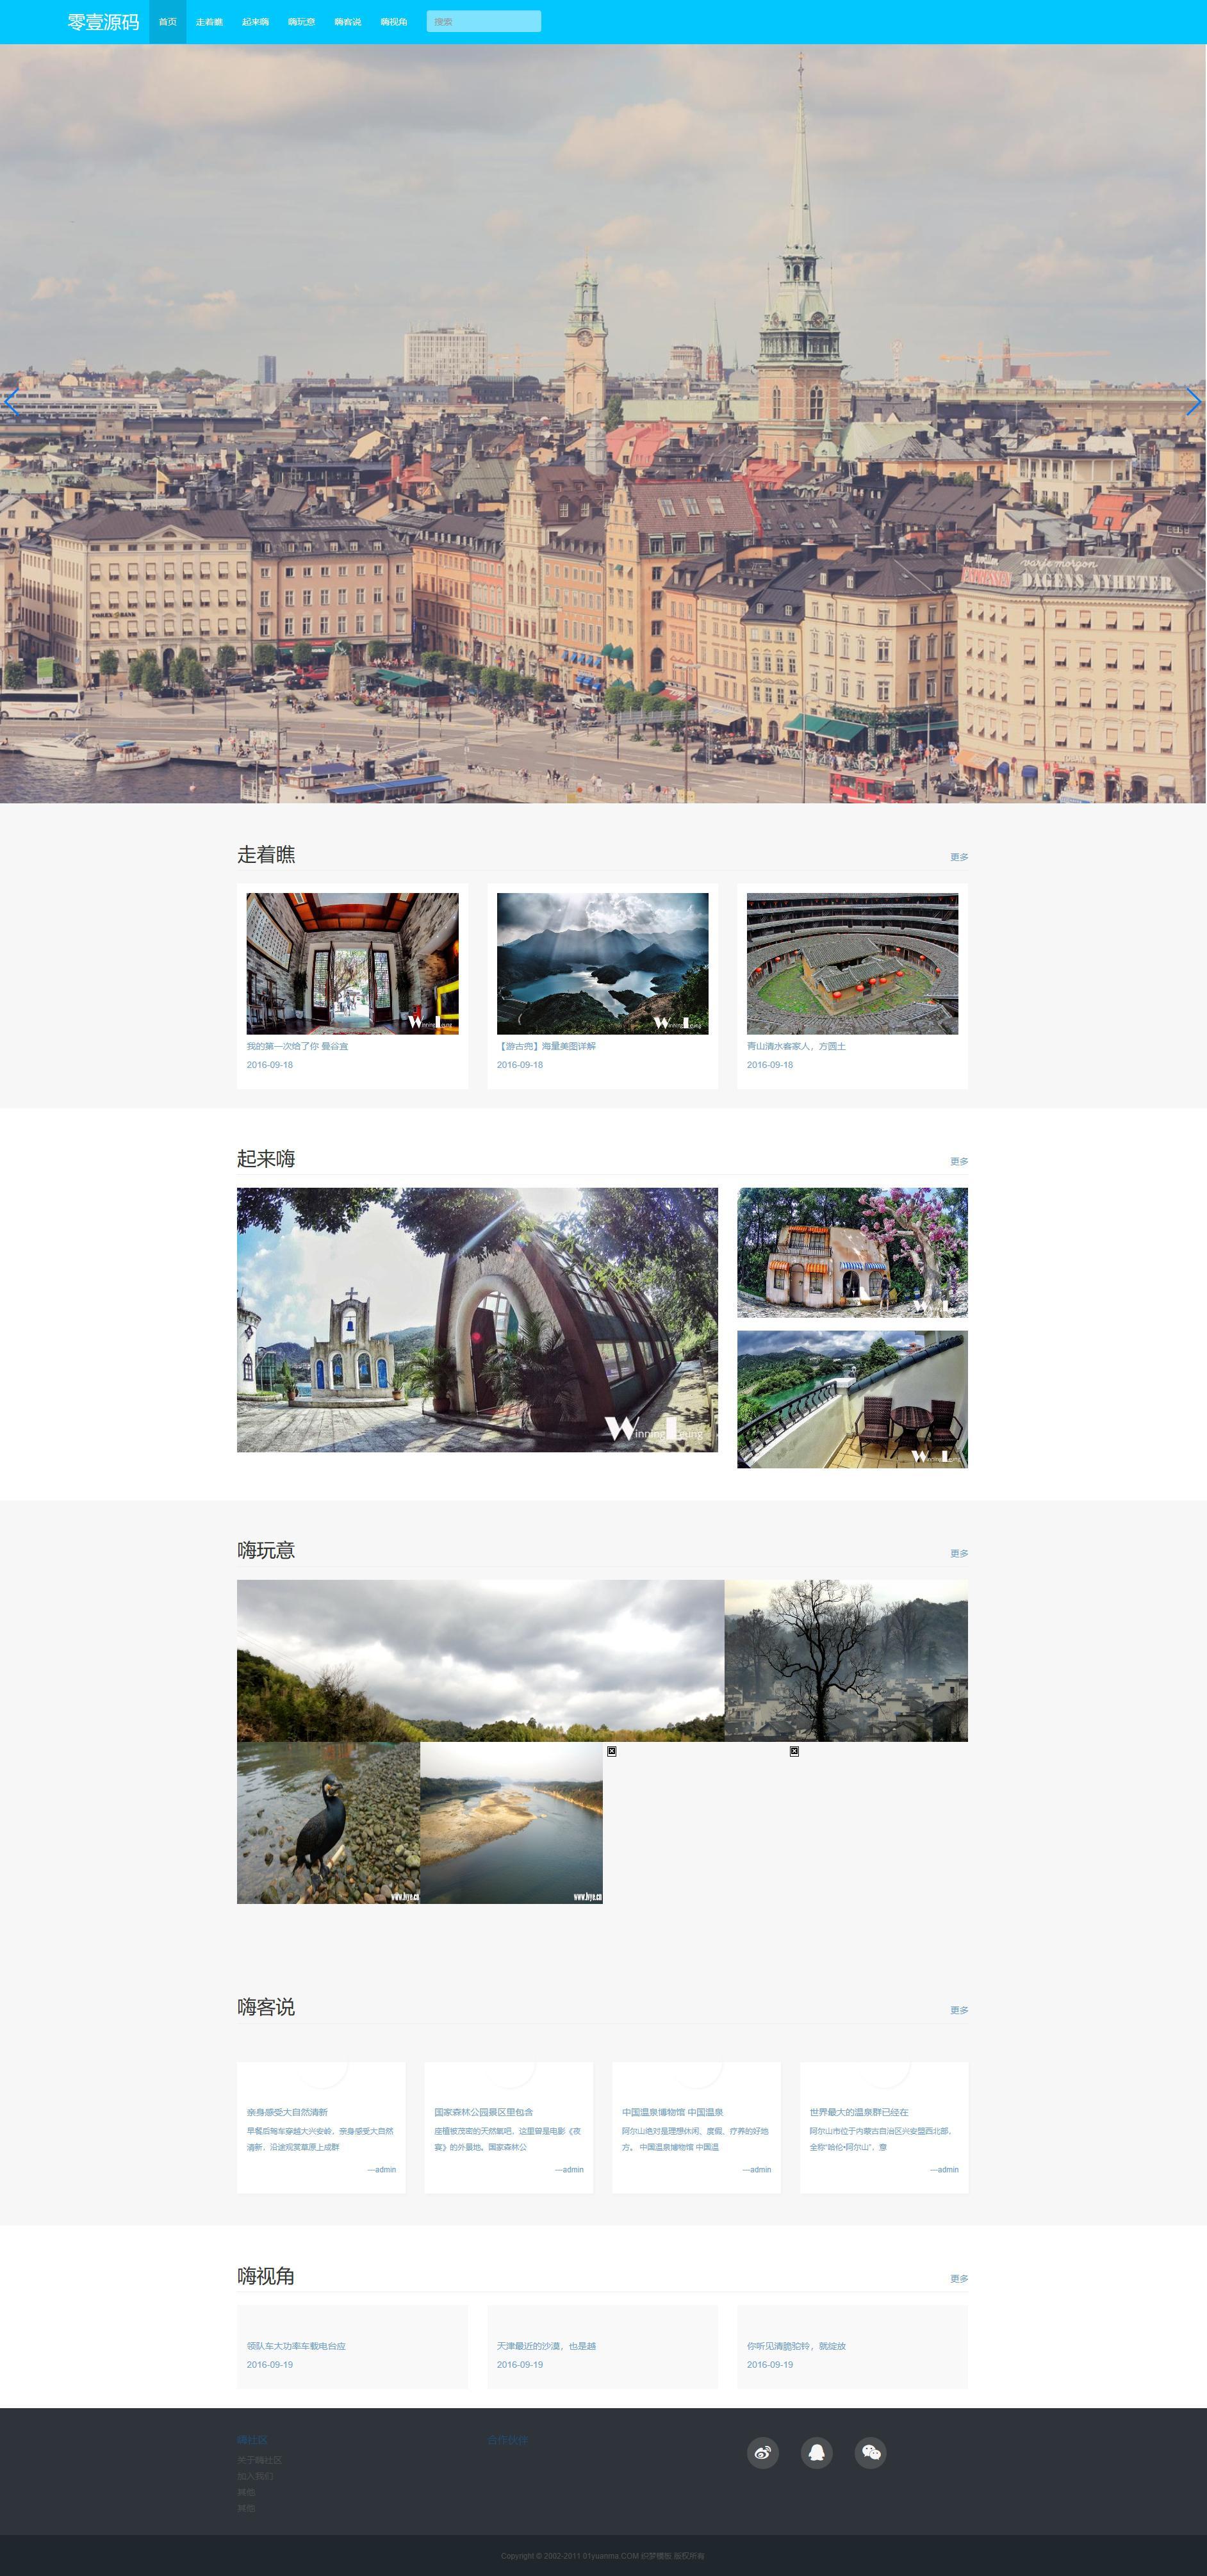 响应式旅游风景相册相片展示类织梦dedecms模板(自适应)